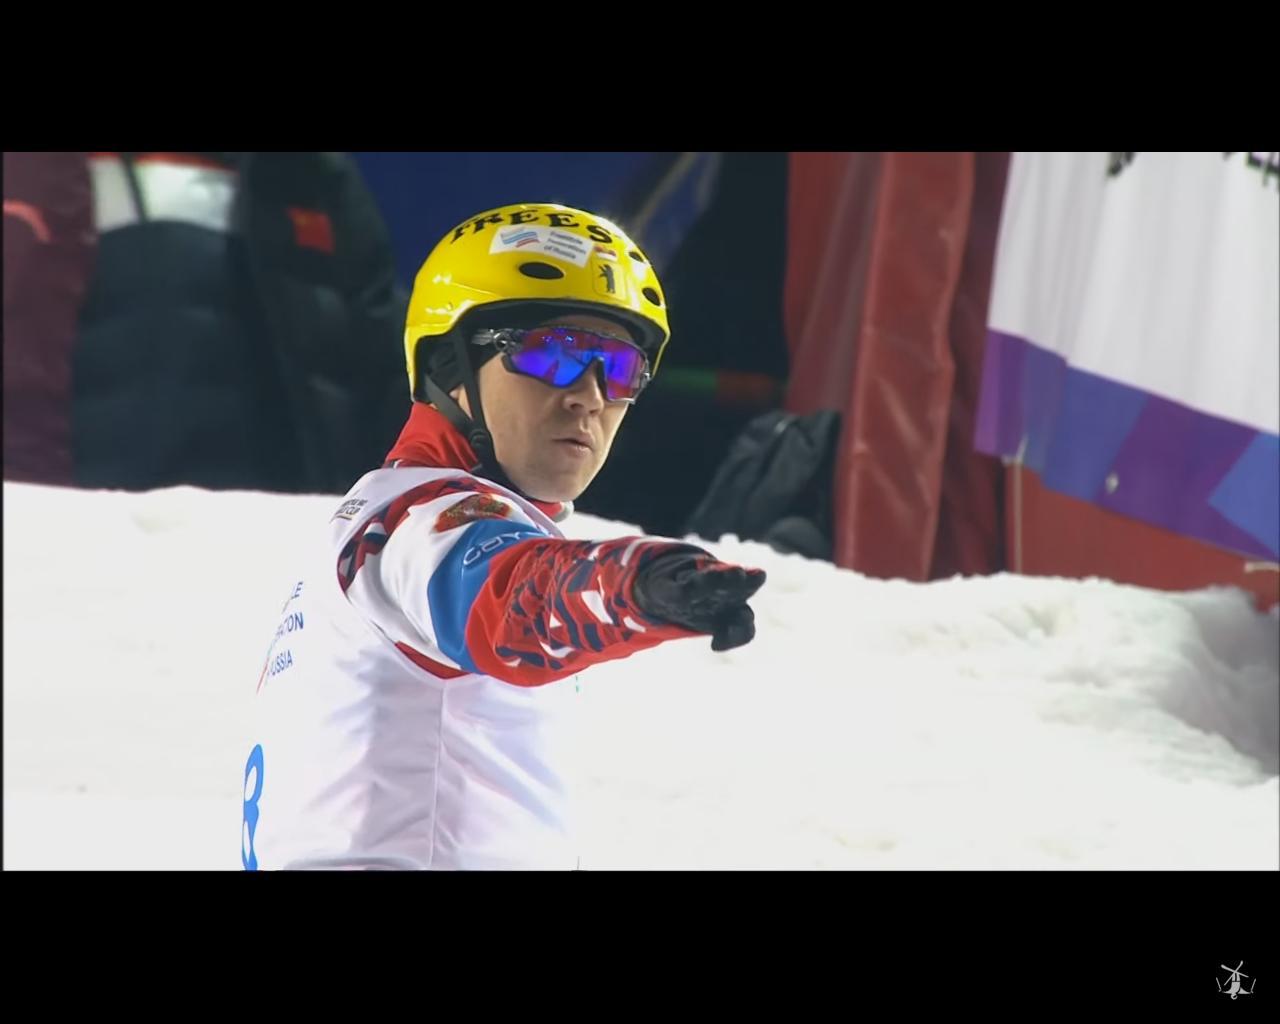 Ярославские фристайлисты принесли России золото и бронзу на Кубке мира: видео с соревнований